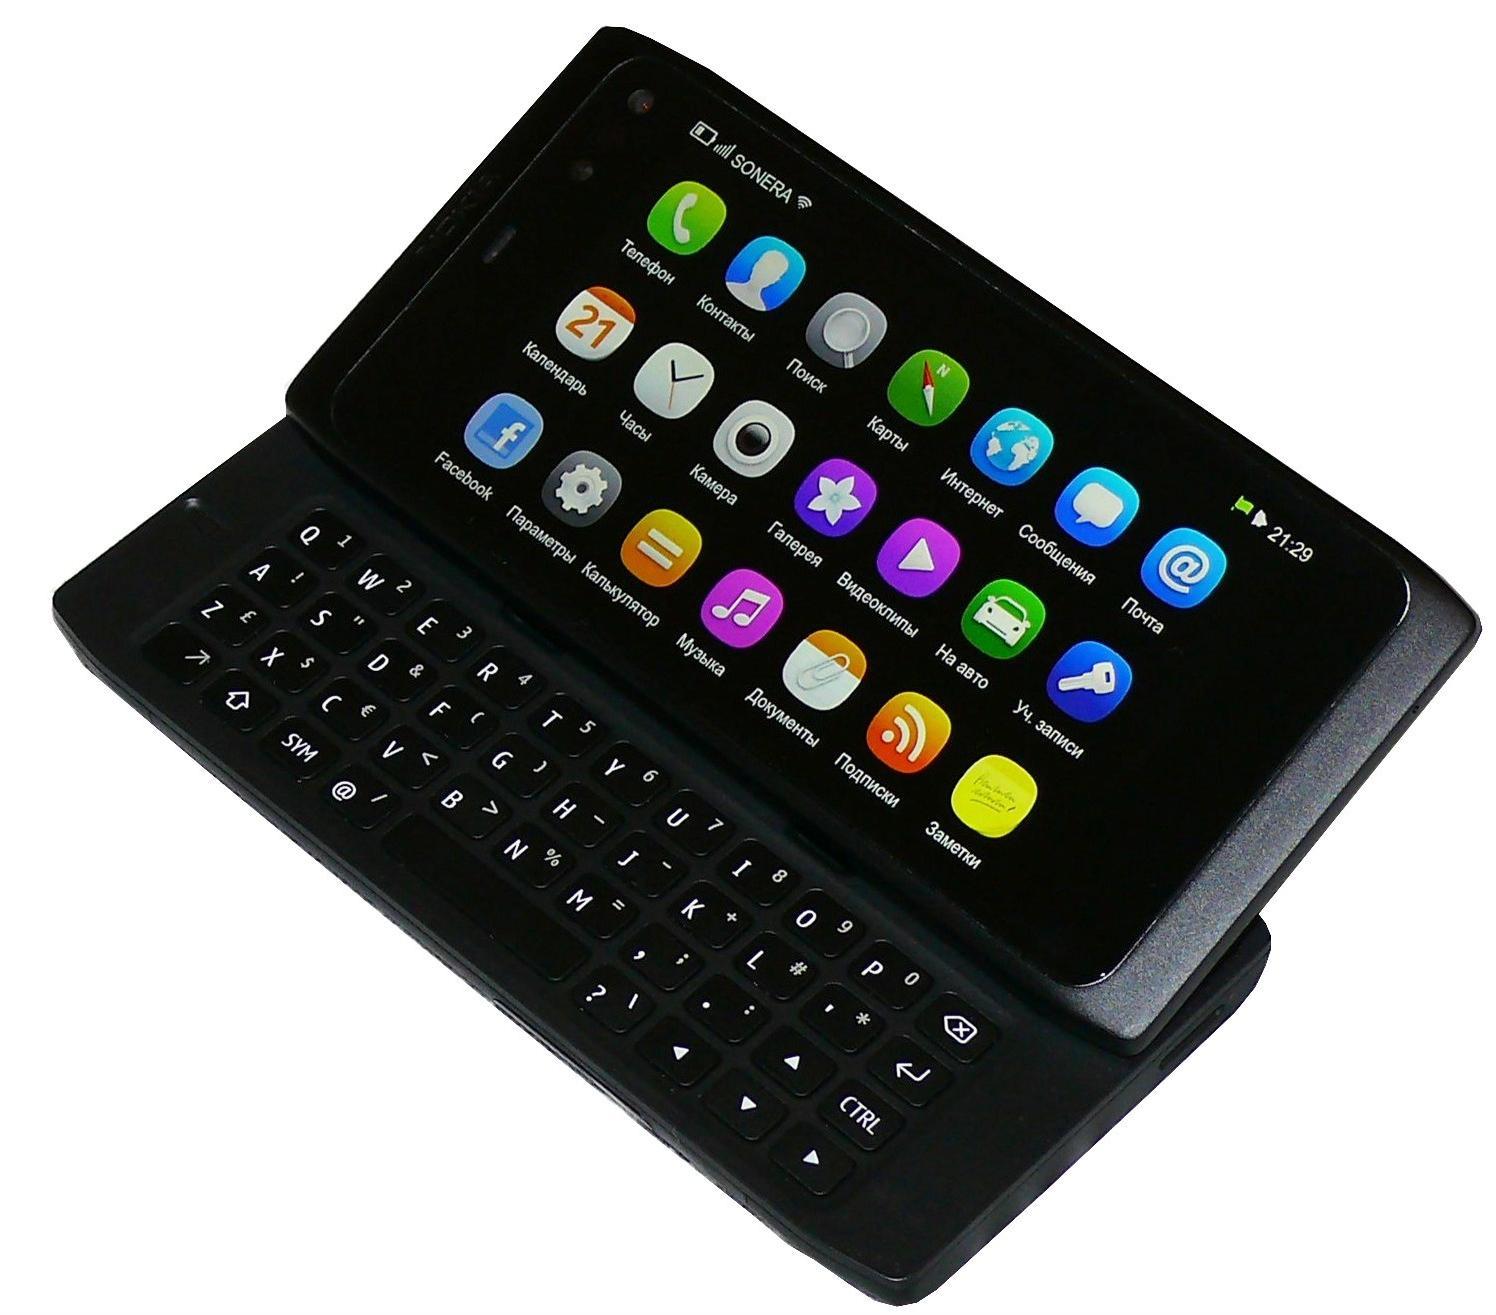 Nokia - N950 Nokia N950 Wikipedia